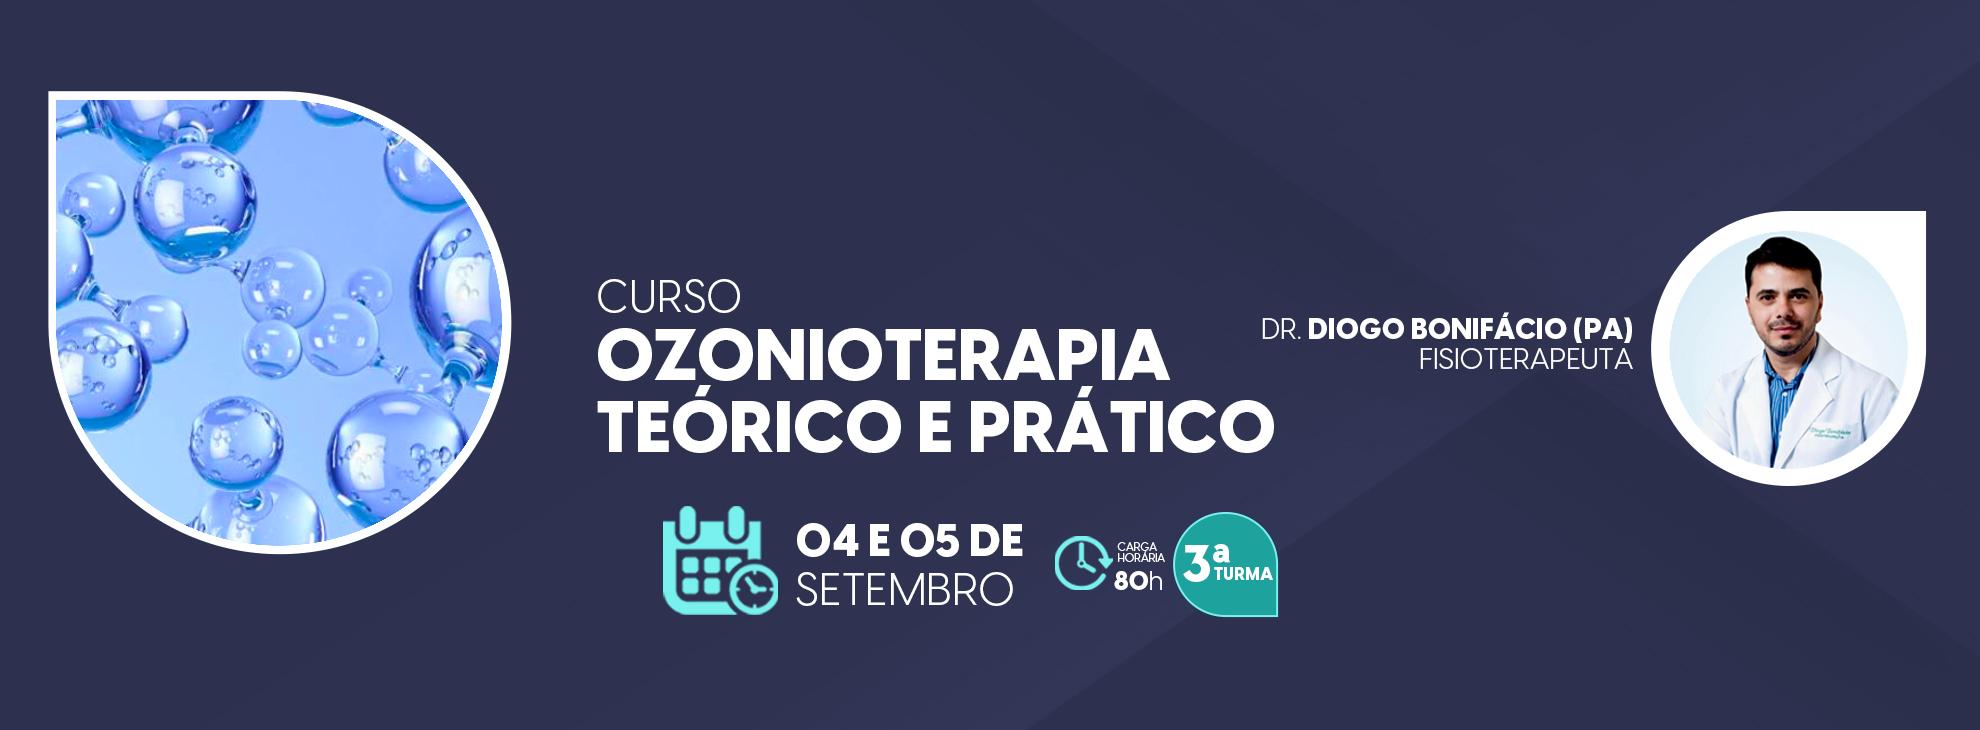 OZONIOTERAPIA 1